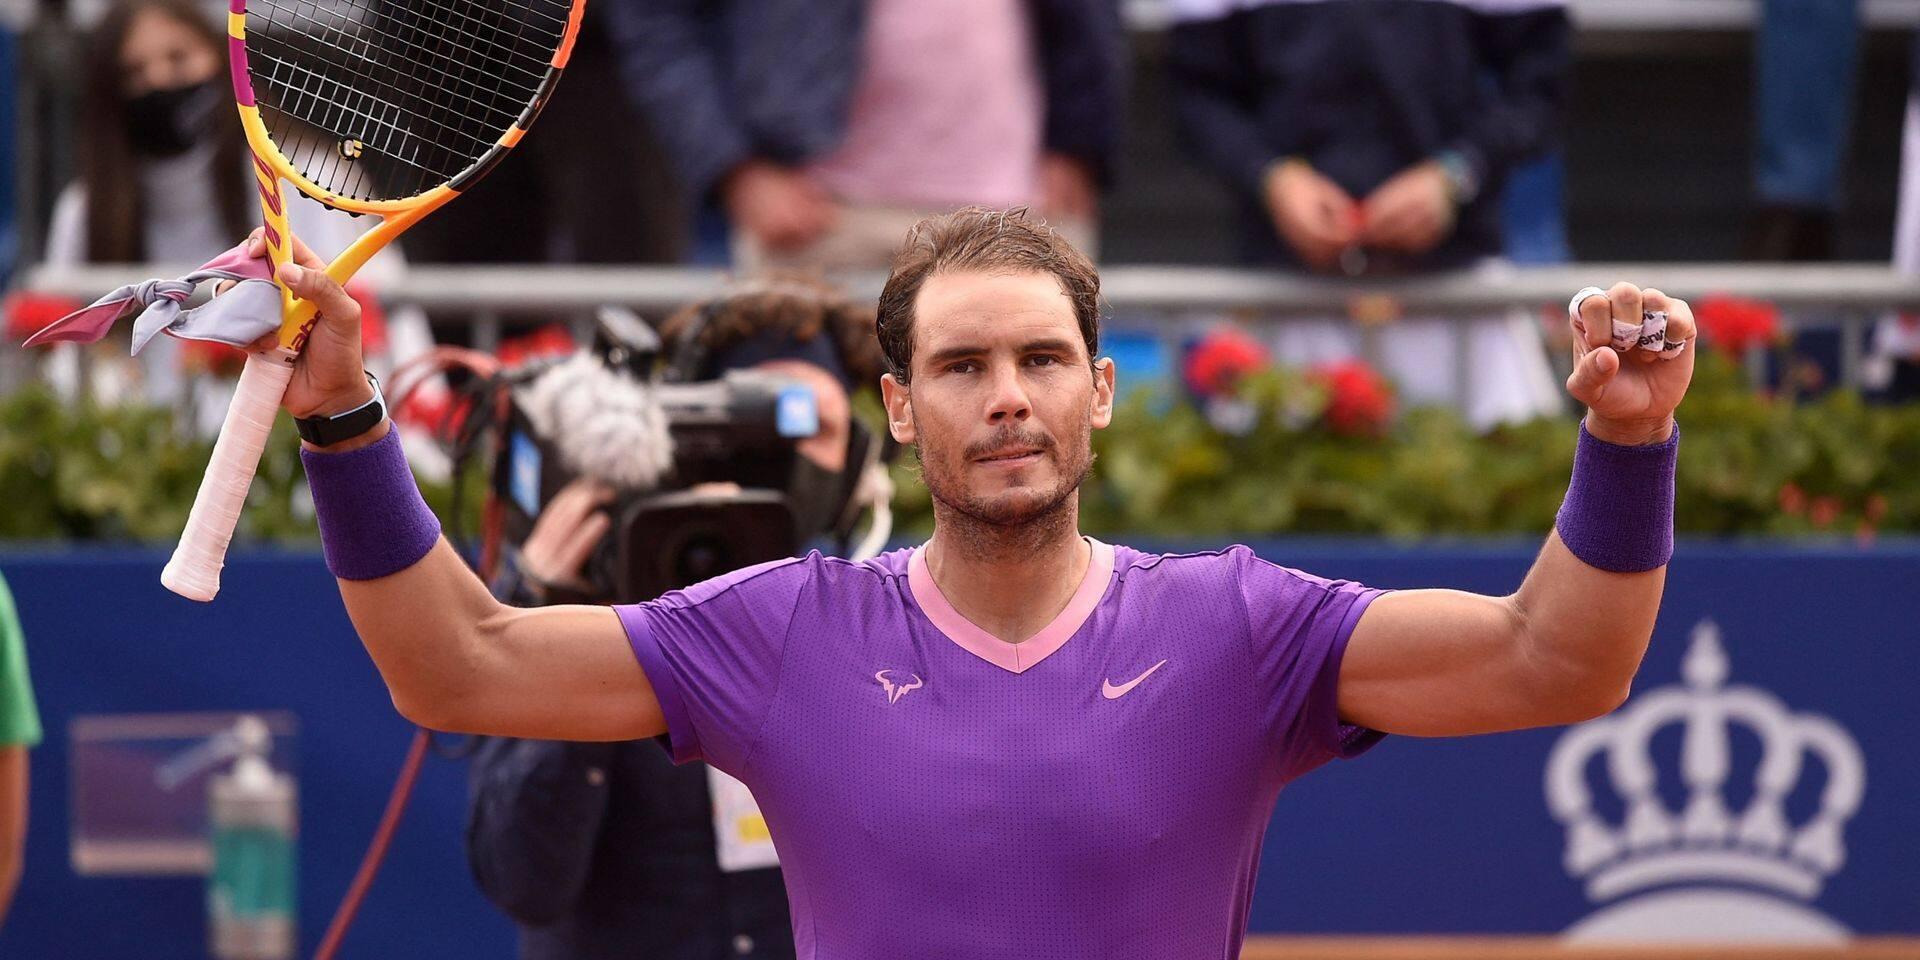 ATP Barcelone: Rafael Nadal écarte Carreno-Busta et défiera Tsitsipas en finale pour un douzième sacre